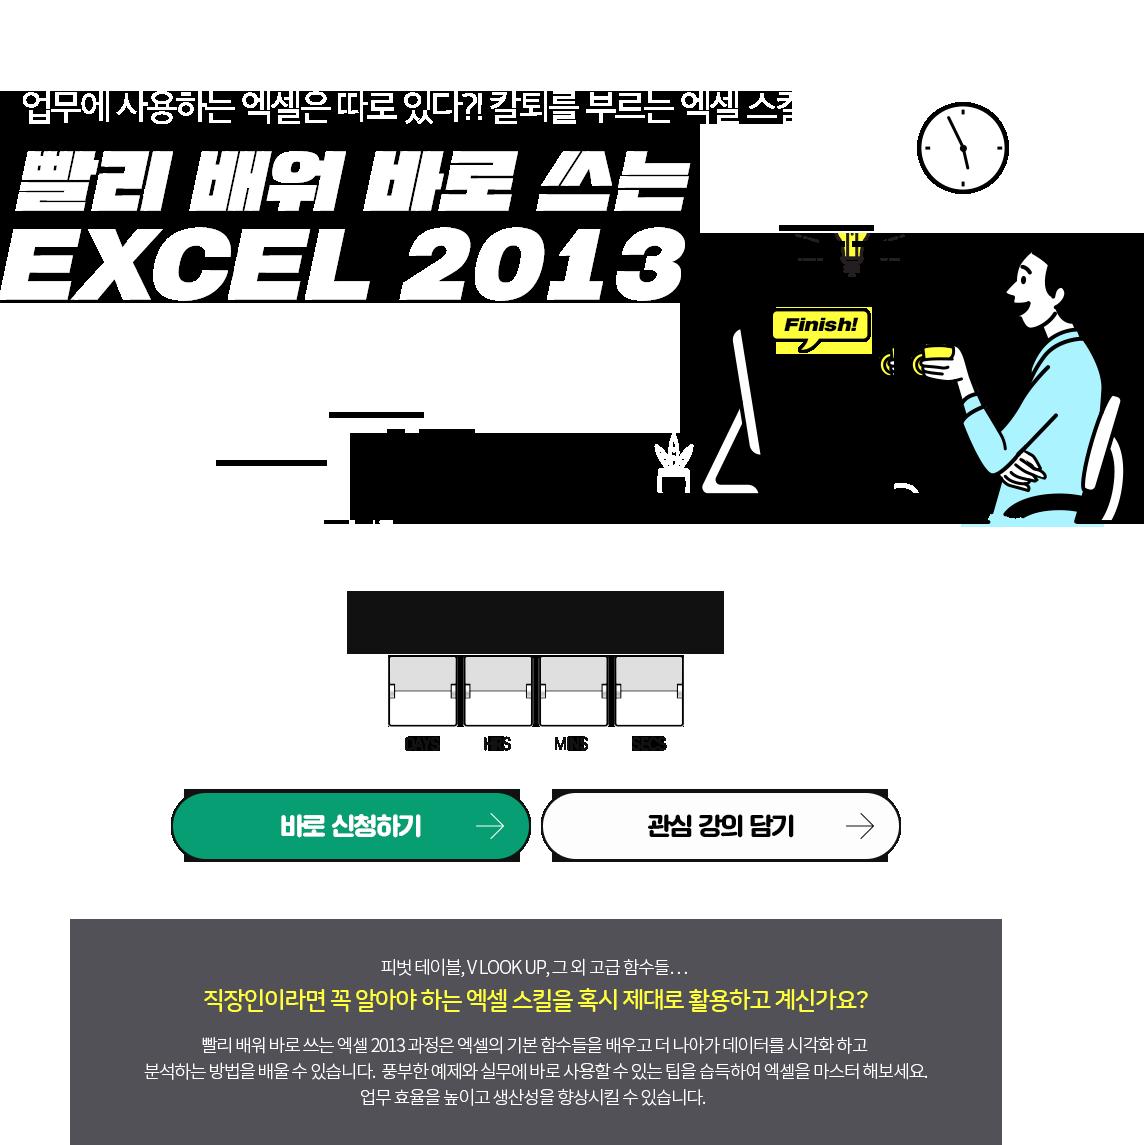 빨리 배워 바로 쓰는 엑셀2013